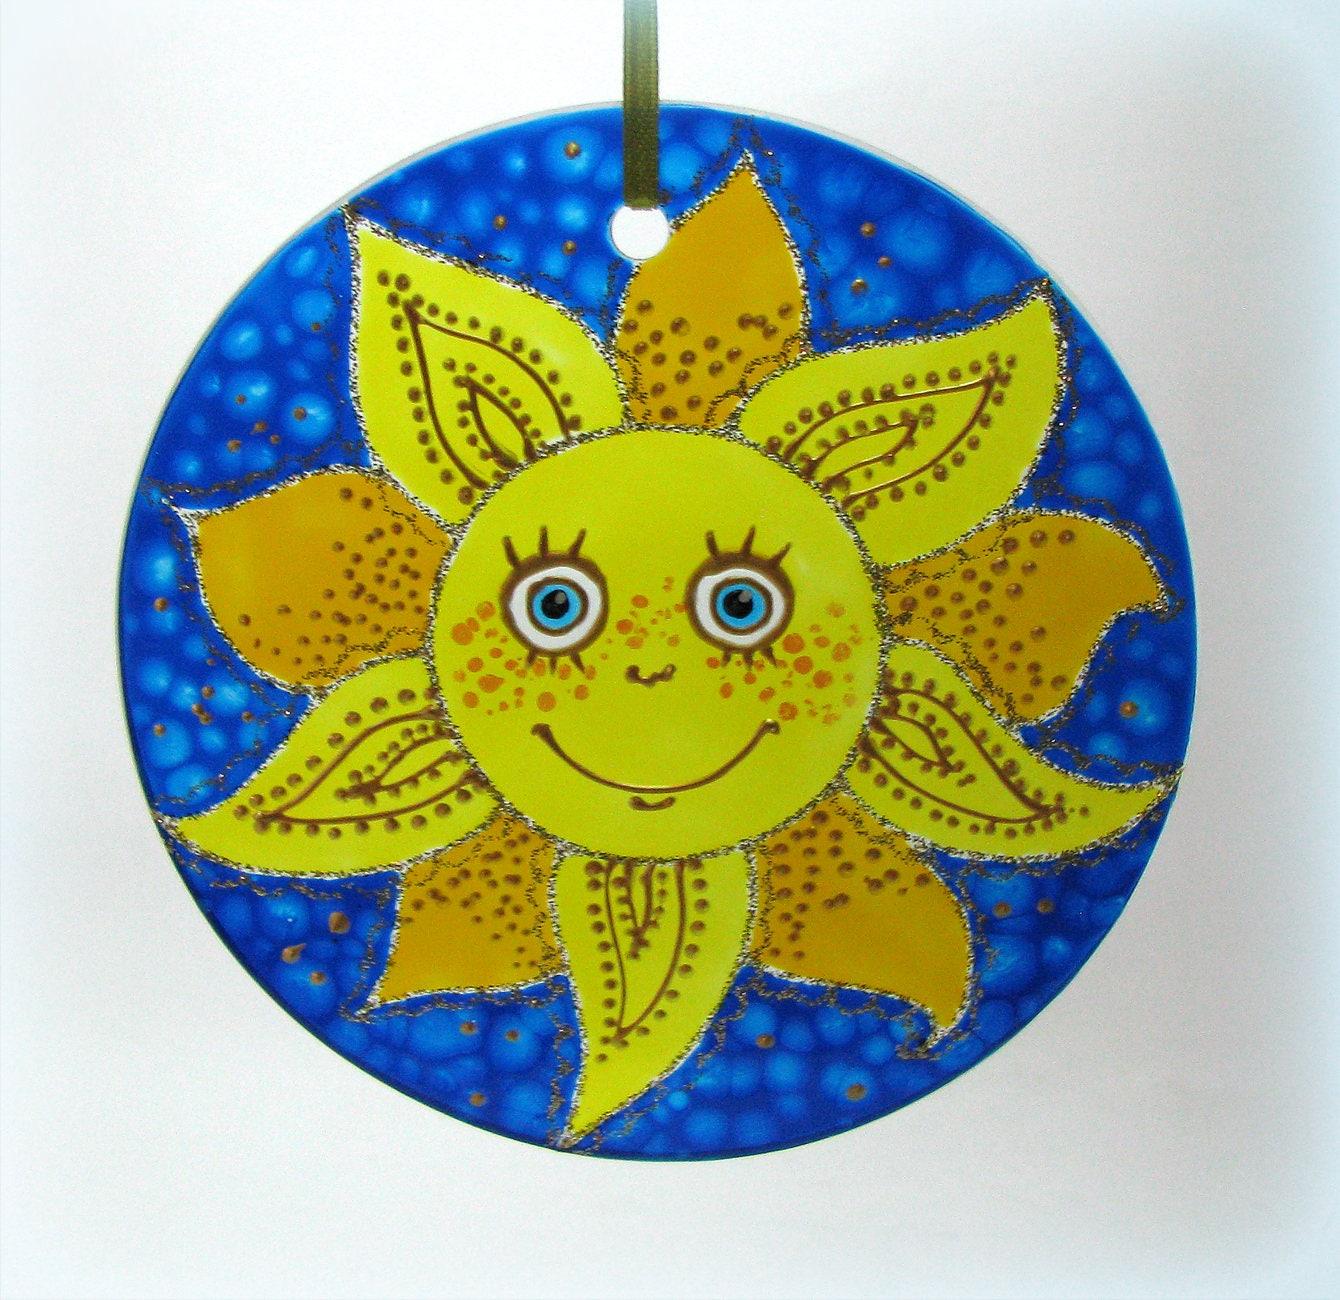 The Sun sun catcher window & wall hanging sun decor Hand